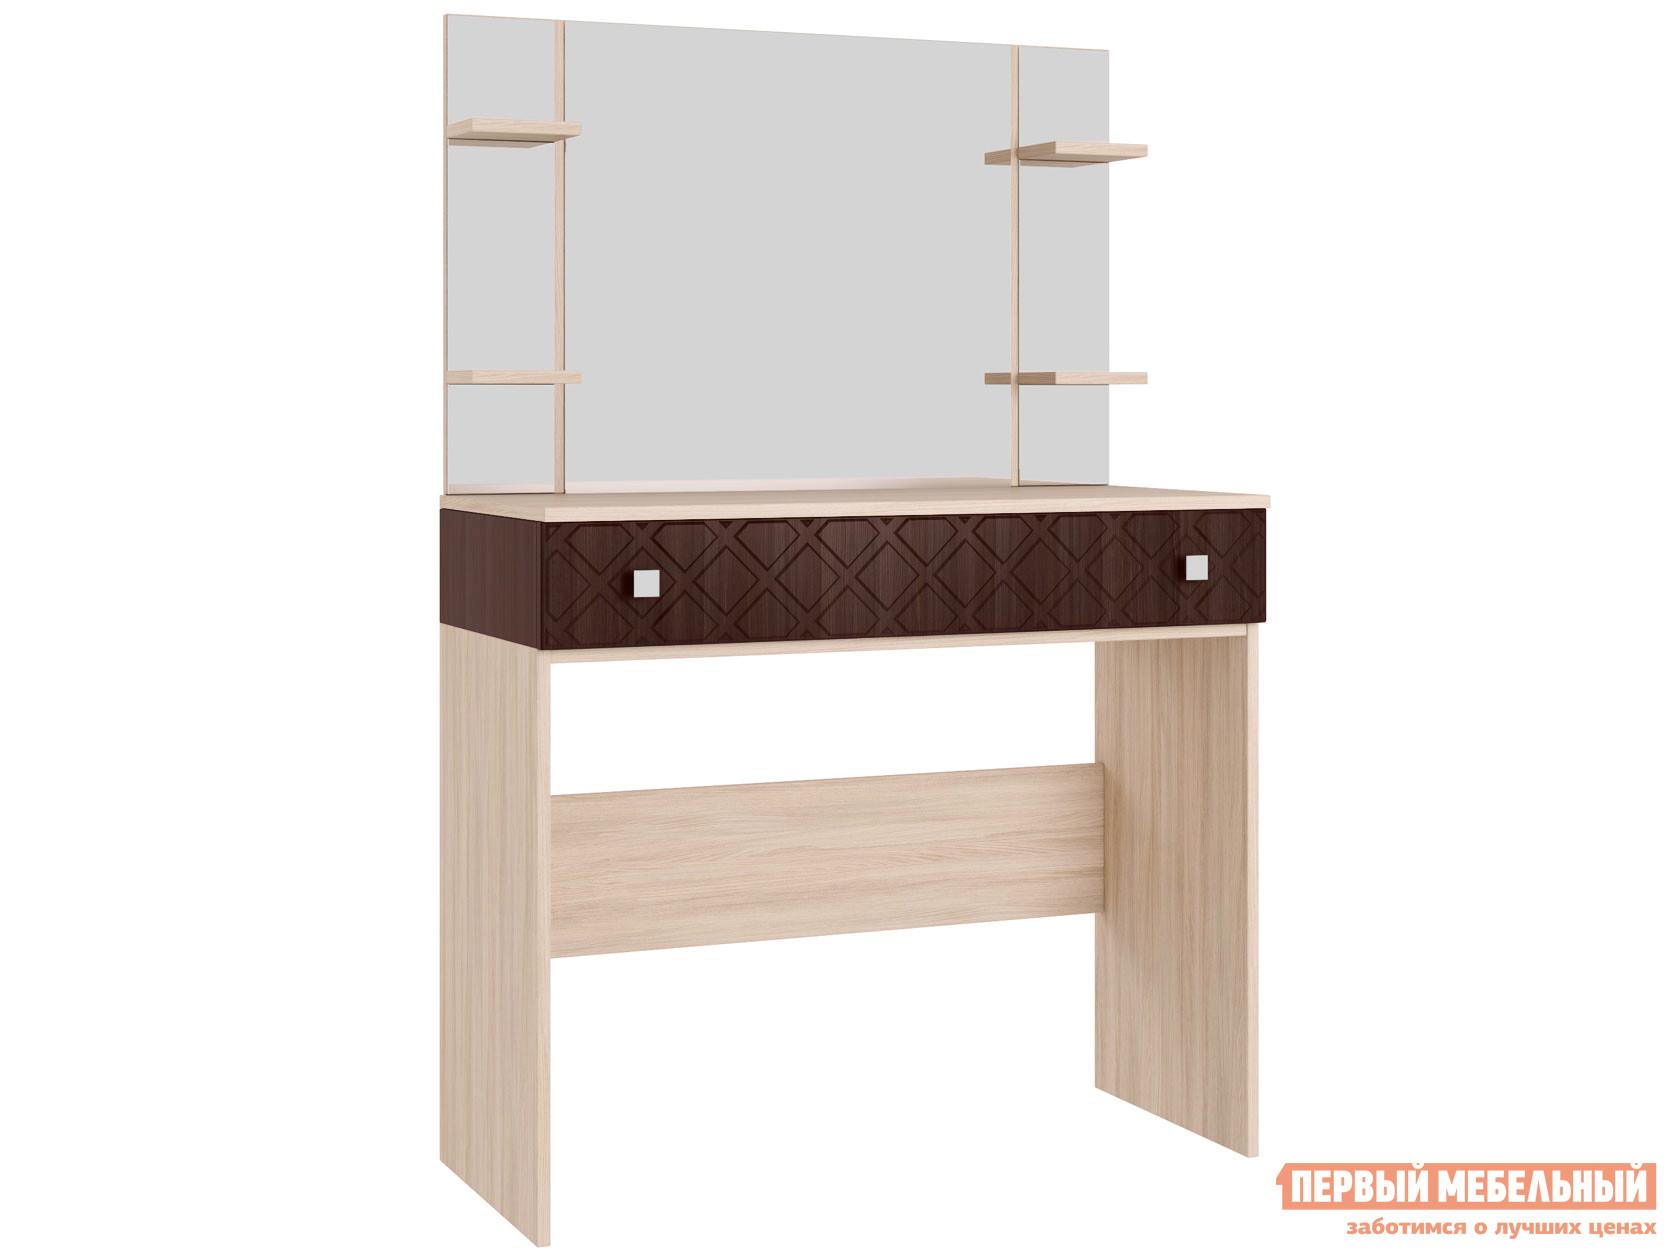 Туалетный столик Первый Мебельный Стол туалетный Вероника